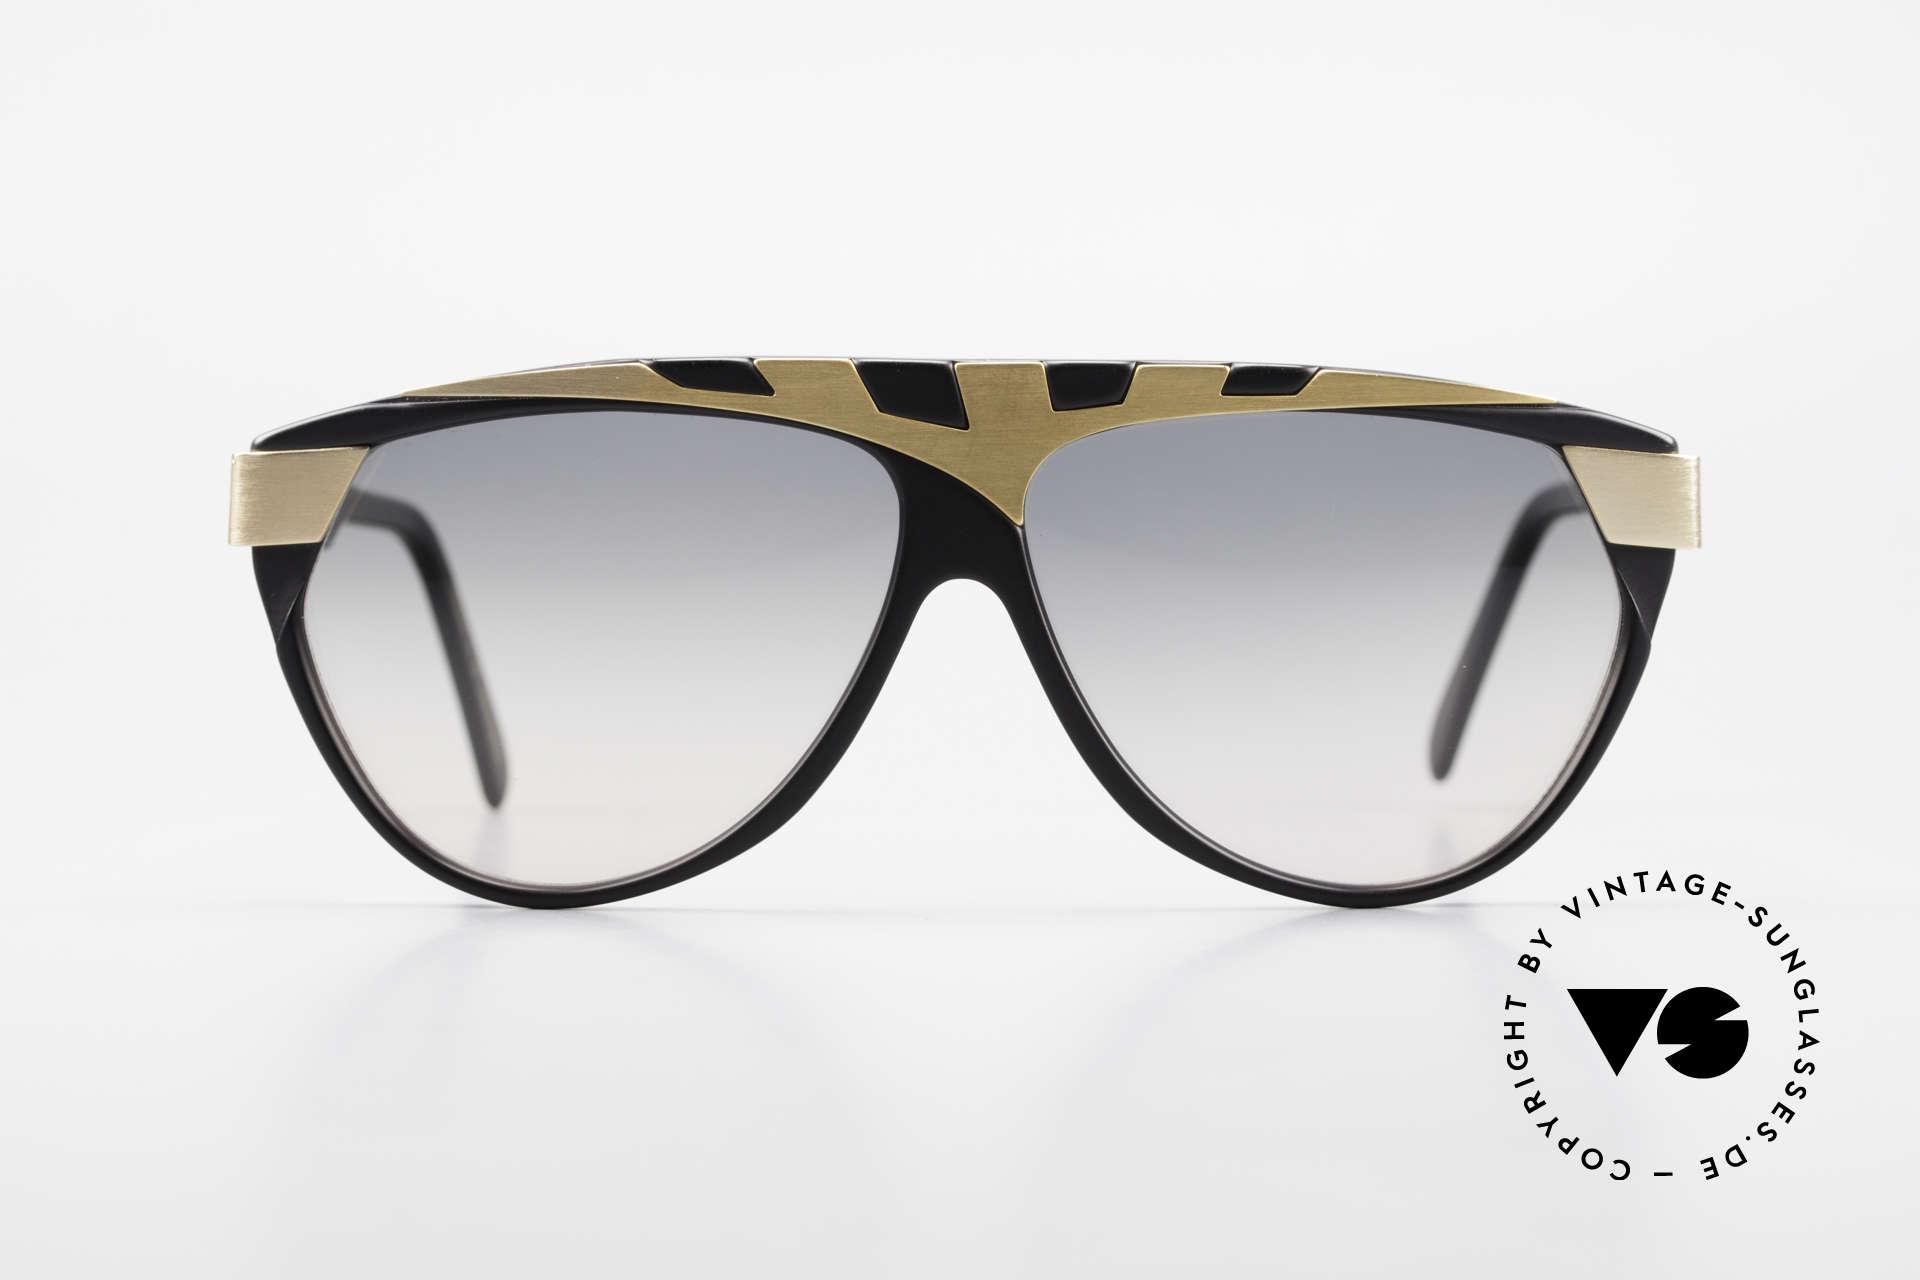 Alpina G80 Vergoldete 80er Sonnenbrille, außergewöhnliches Brillendesign in Farbe und Form, Passend für Herren und Damen